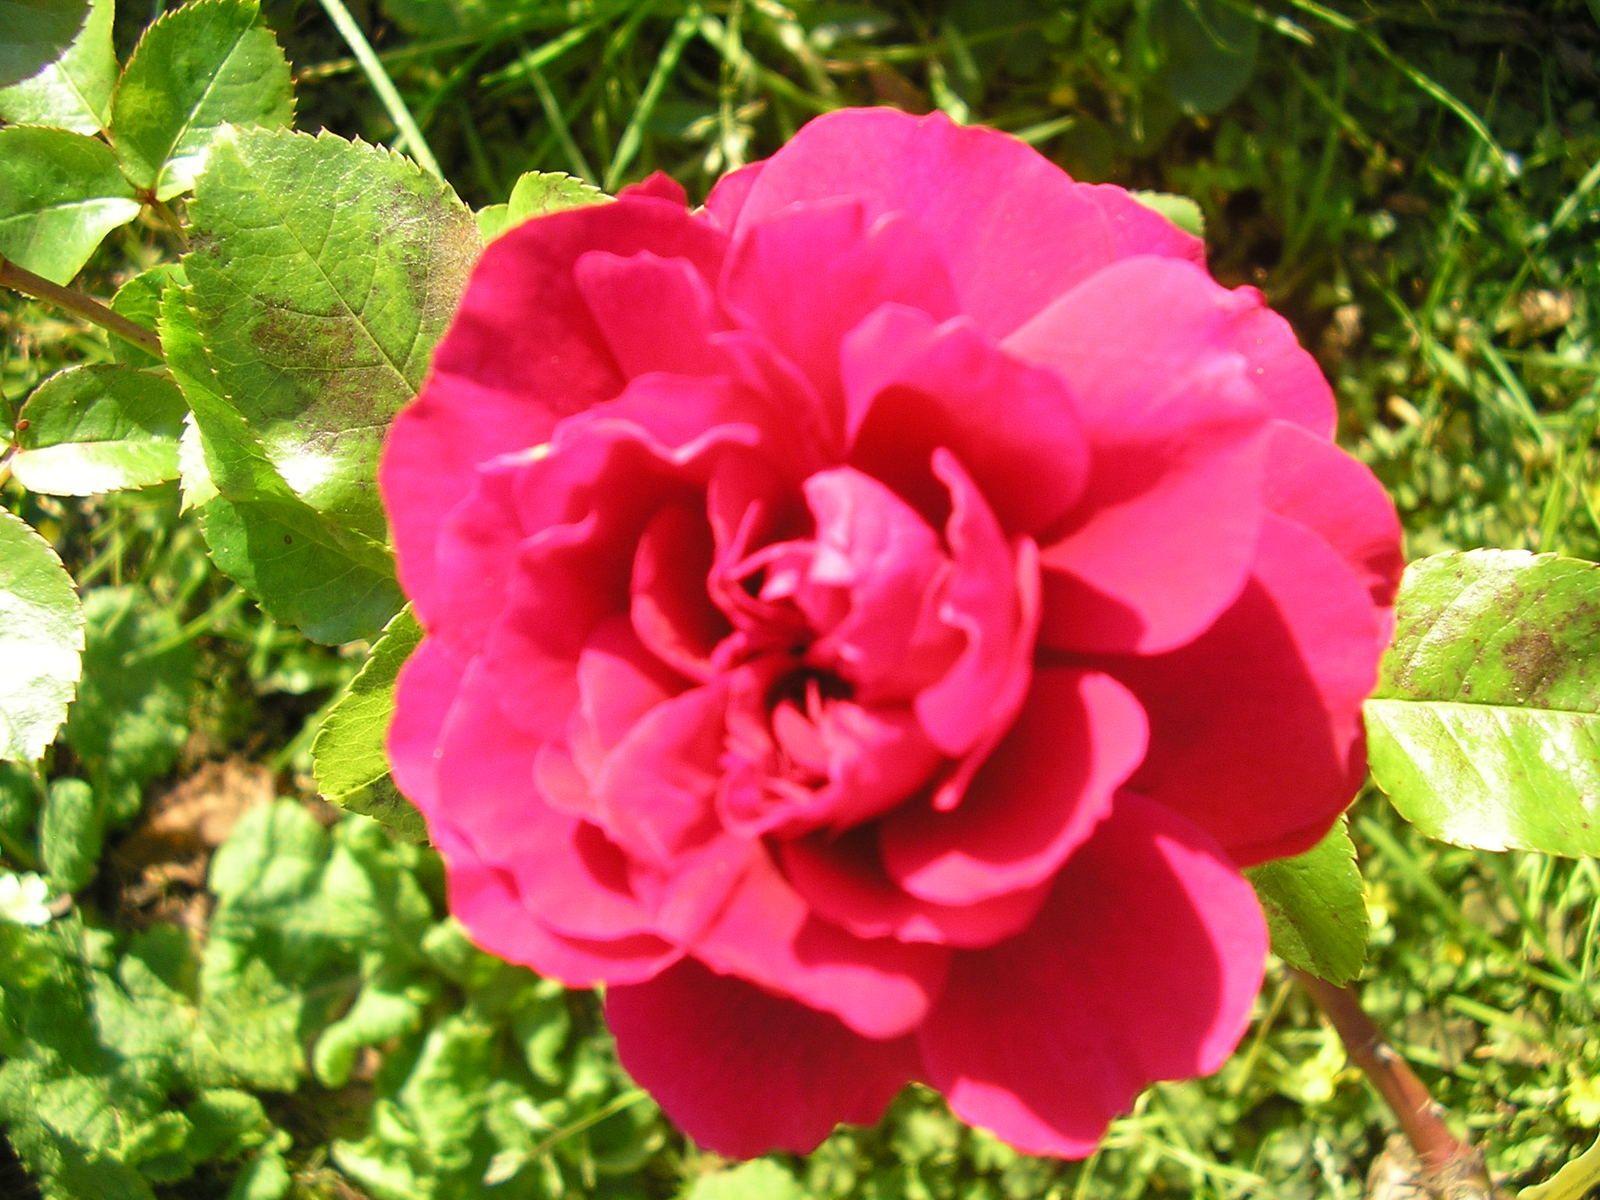 Avec les beaux jours, les rosiers refleurissent!  Ici Hamlet